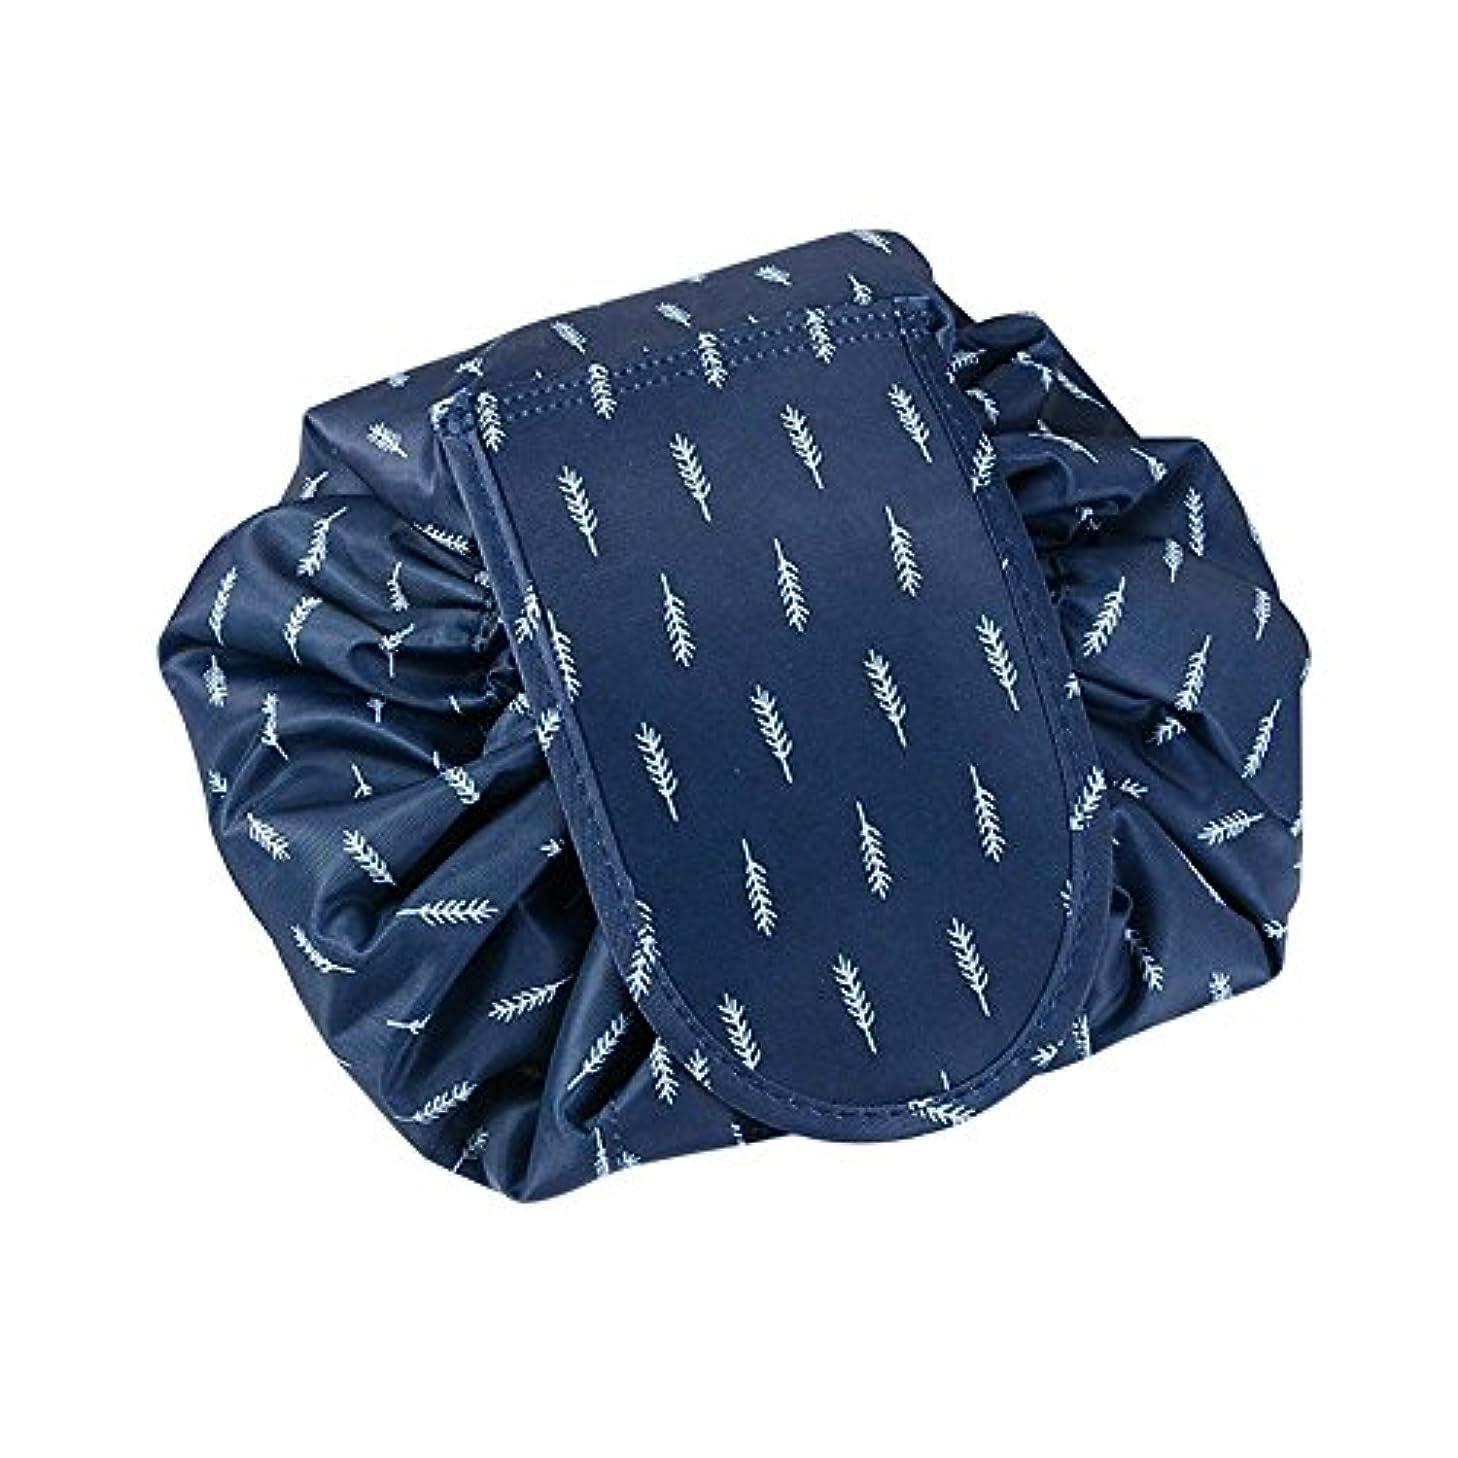 に対応する起こりやすいインターネット旅行化粧バッグ ファッションお手軽カジュアル巾着旅行防水大容量の化粧バック (ブルー羽毛)